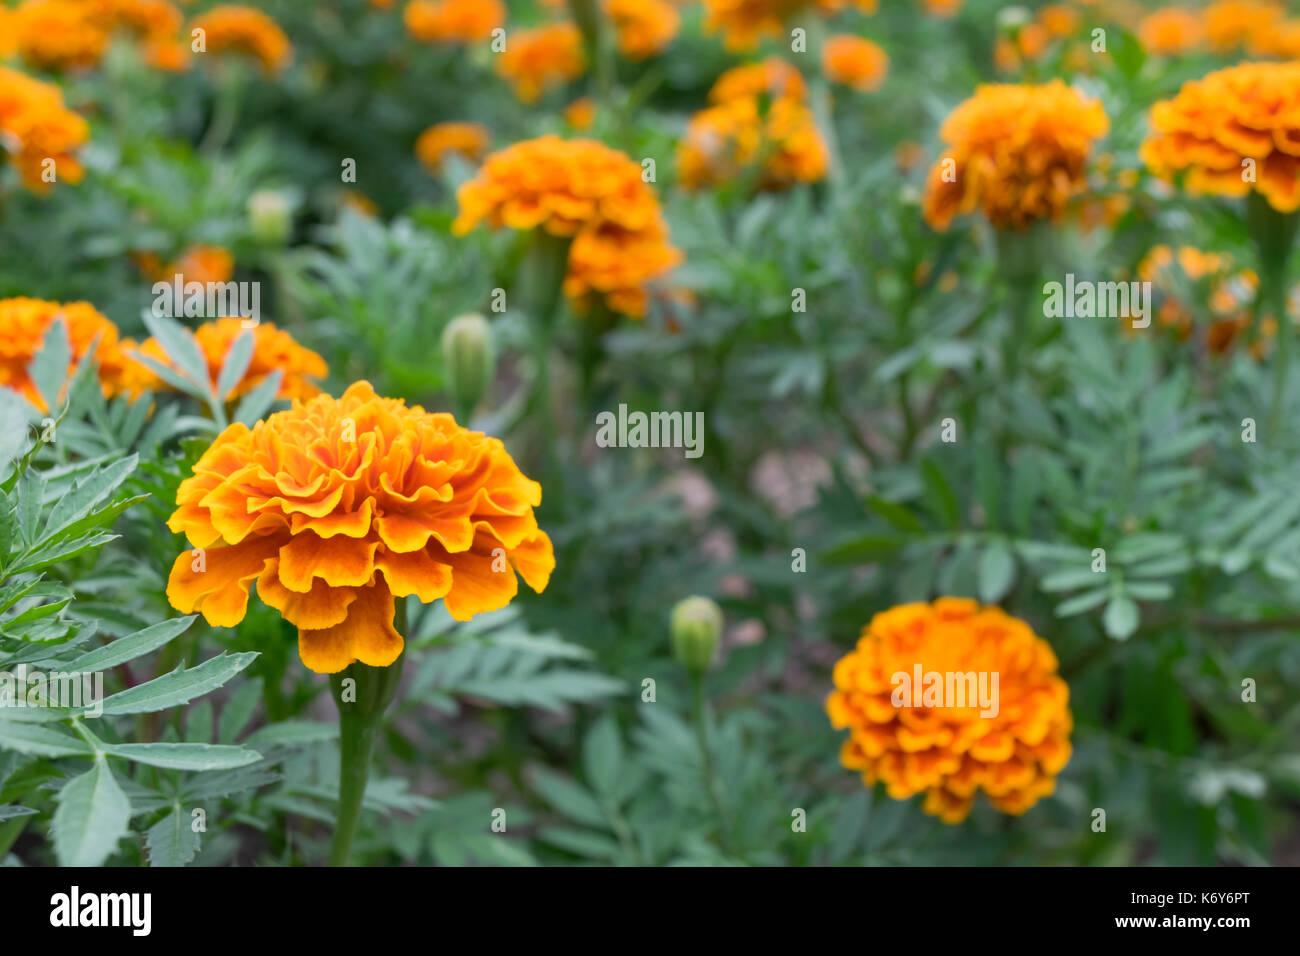 Fiori Arancioni E Gialli.Arancione E Giallo Di Fiori Di Tagete Nel Parco O Giardino Per La